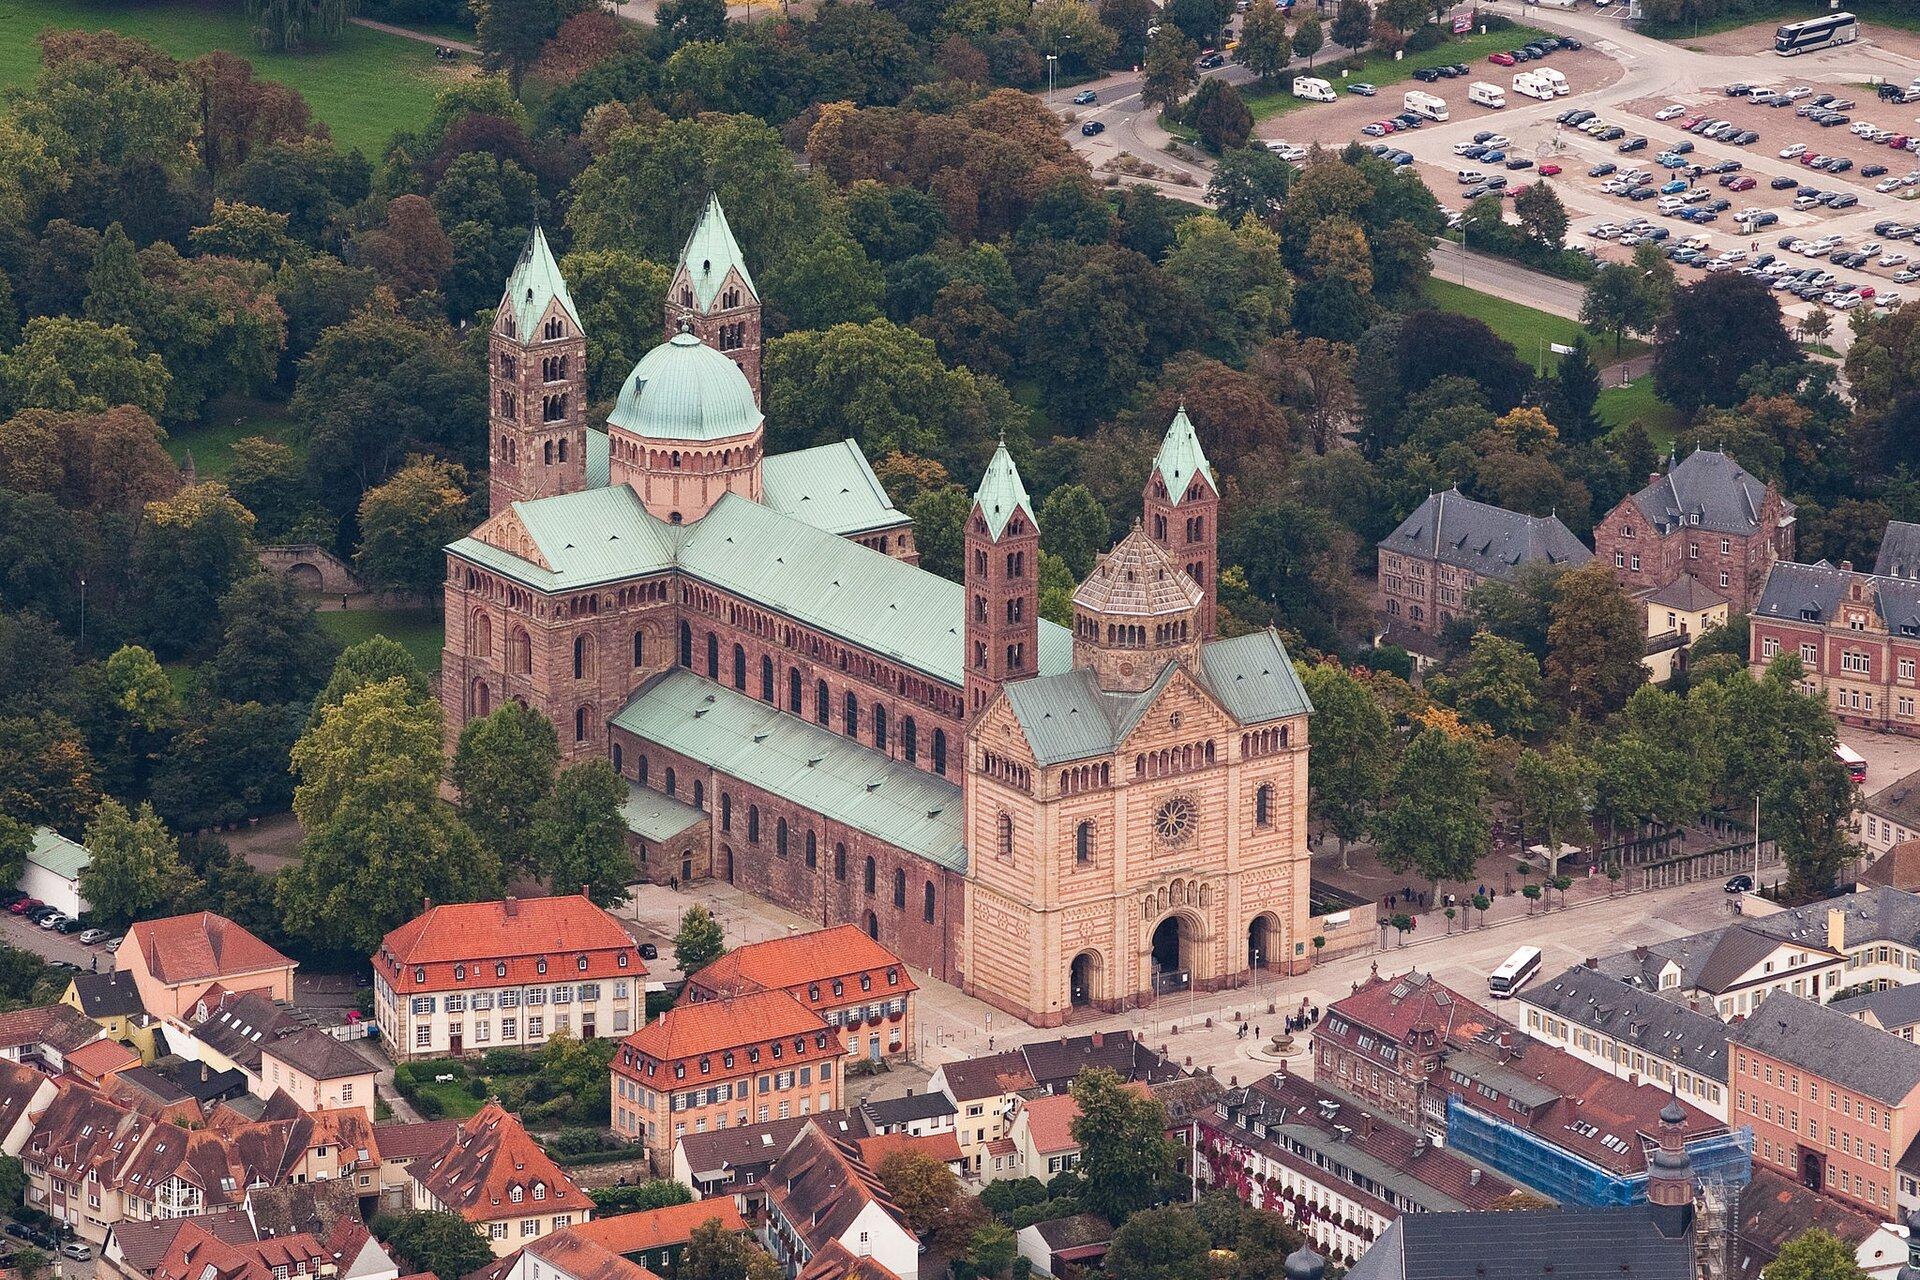 Katedra Wniebowzięcia NMP iśw. Szczepana wSpirze, 1024–1106 Katedra Wniebowzięcia NMP iśw. Szczepana wSpirze, 1024–1106 Źródło: Kai Scherrer, licencja: CC 0 1.0.